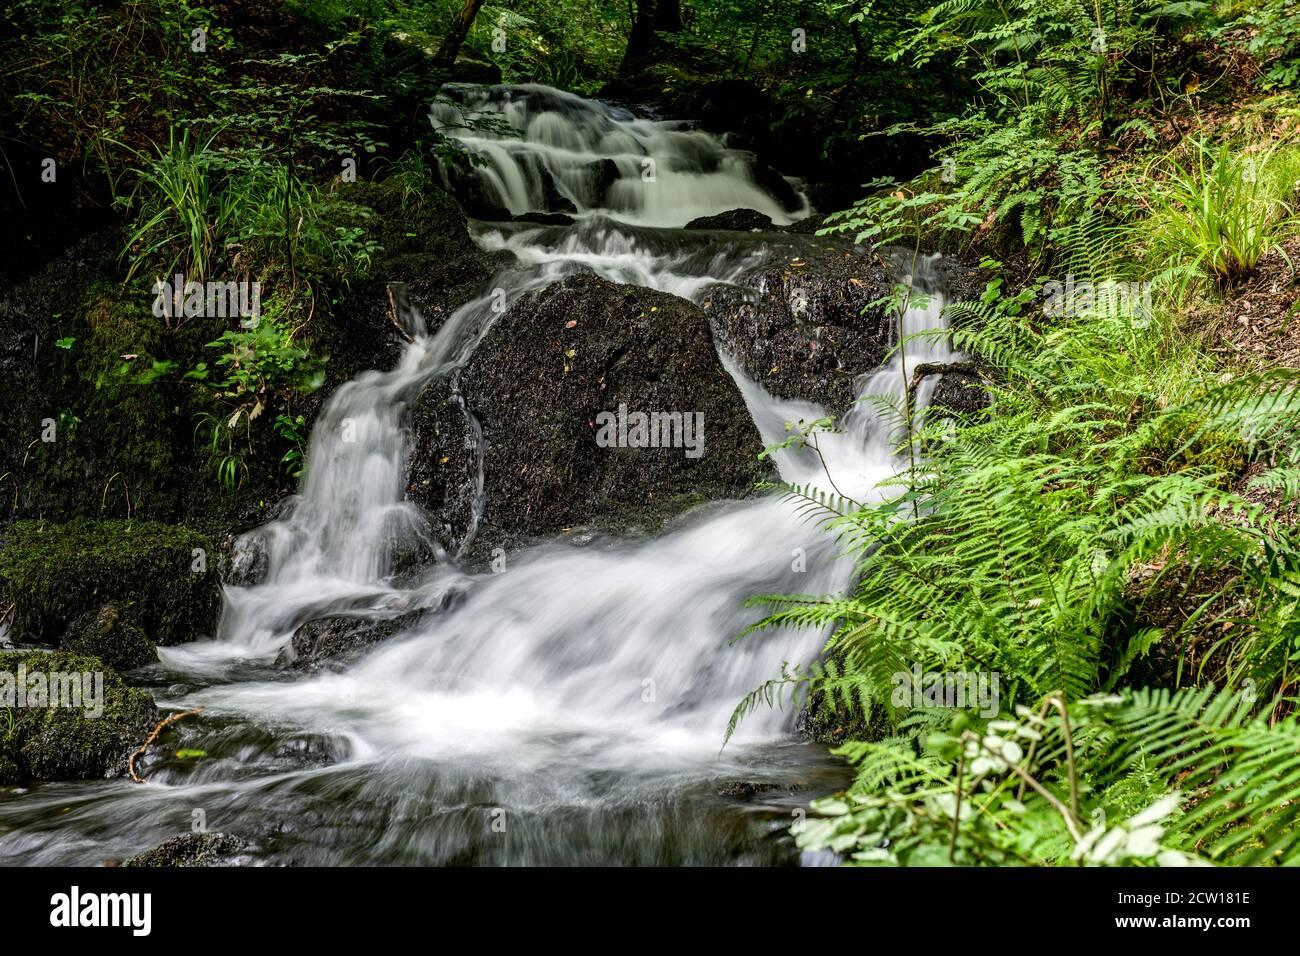 Una cascada en el Wynlass Beck como hace su camino a Windermere vía Miller Ground, en el Parque Nacional del Distrito de los Lagos. Foto de stock